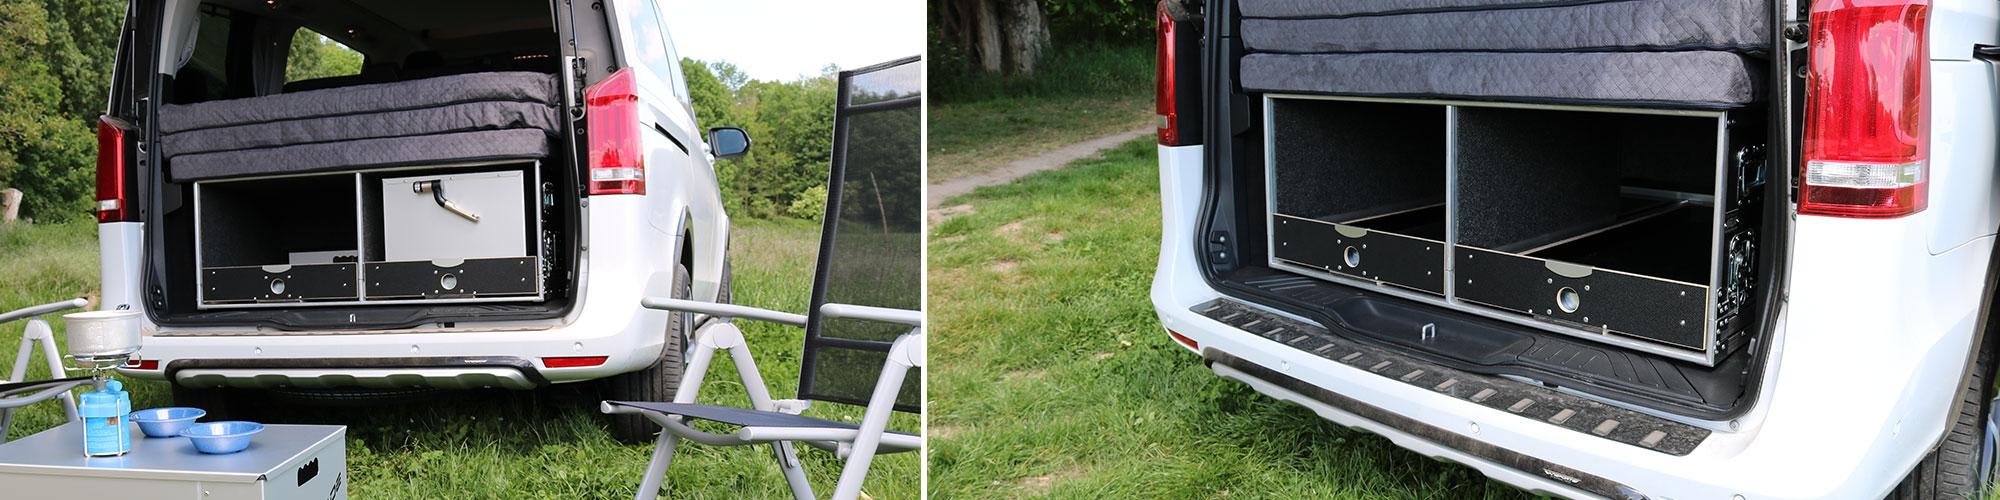 Die Grundbox für das Camping aus 2 Ansichten